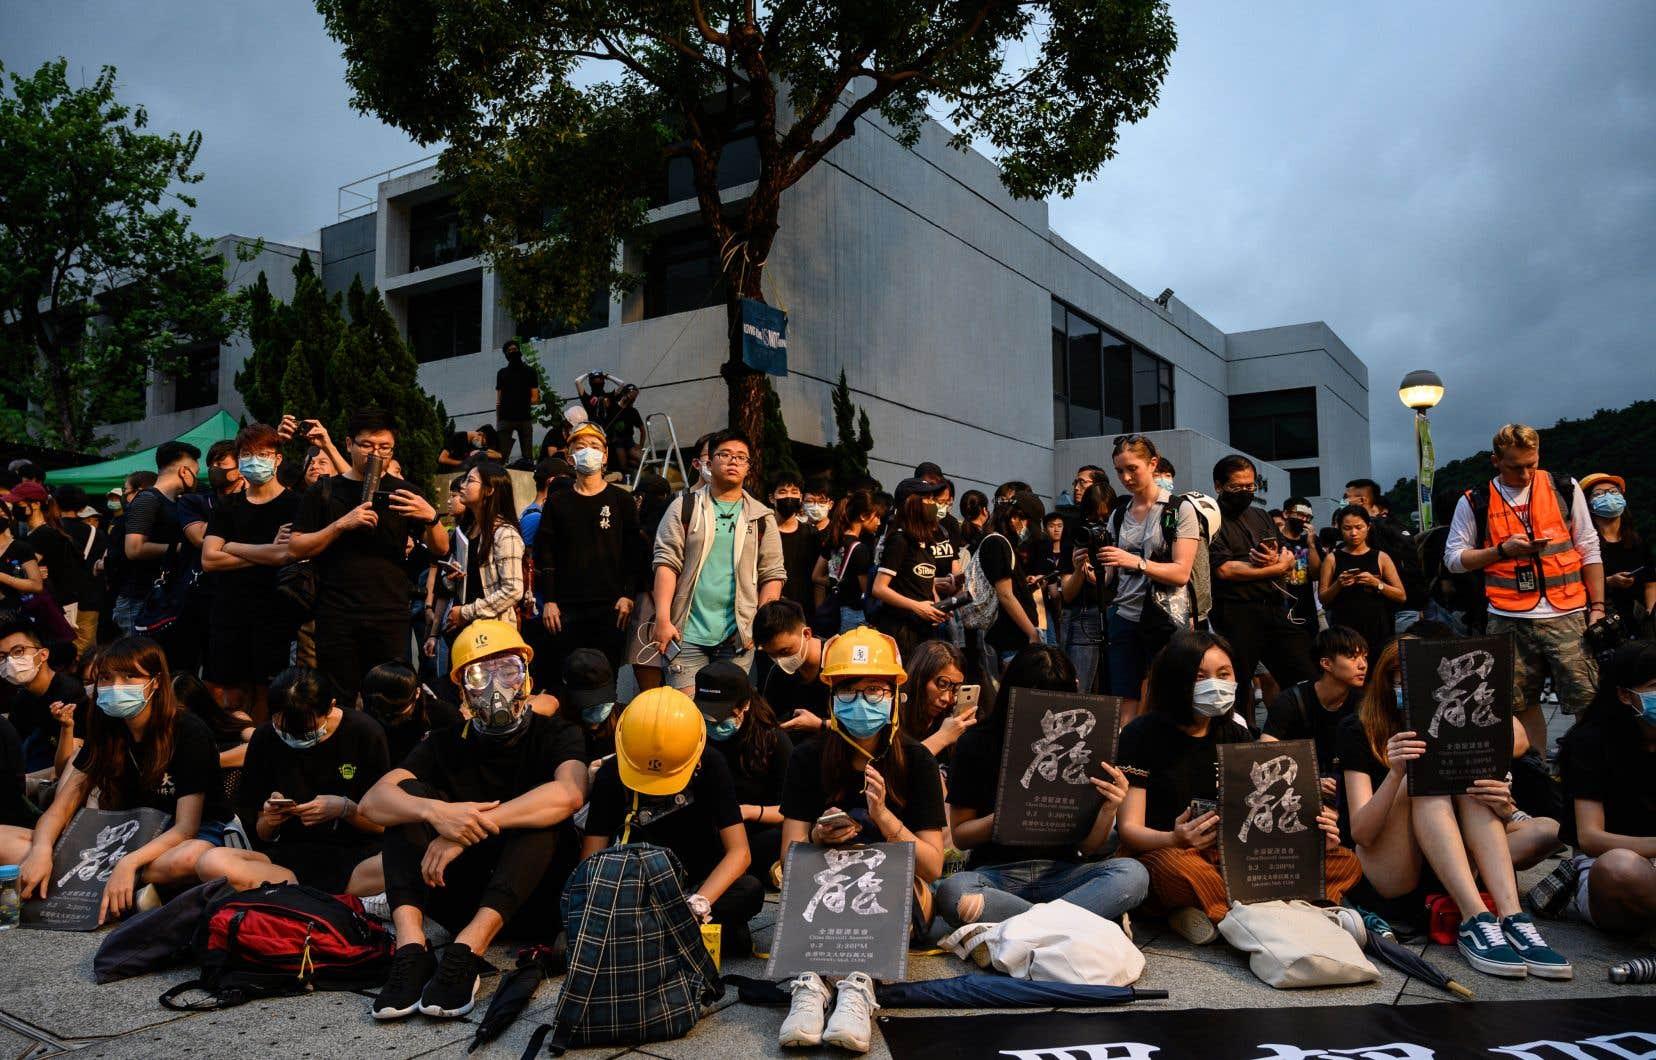 En ce jour de rentrée, des étudiants ont ainsi formé des chaînes humaines devant leurs établissements scolaires.